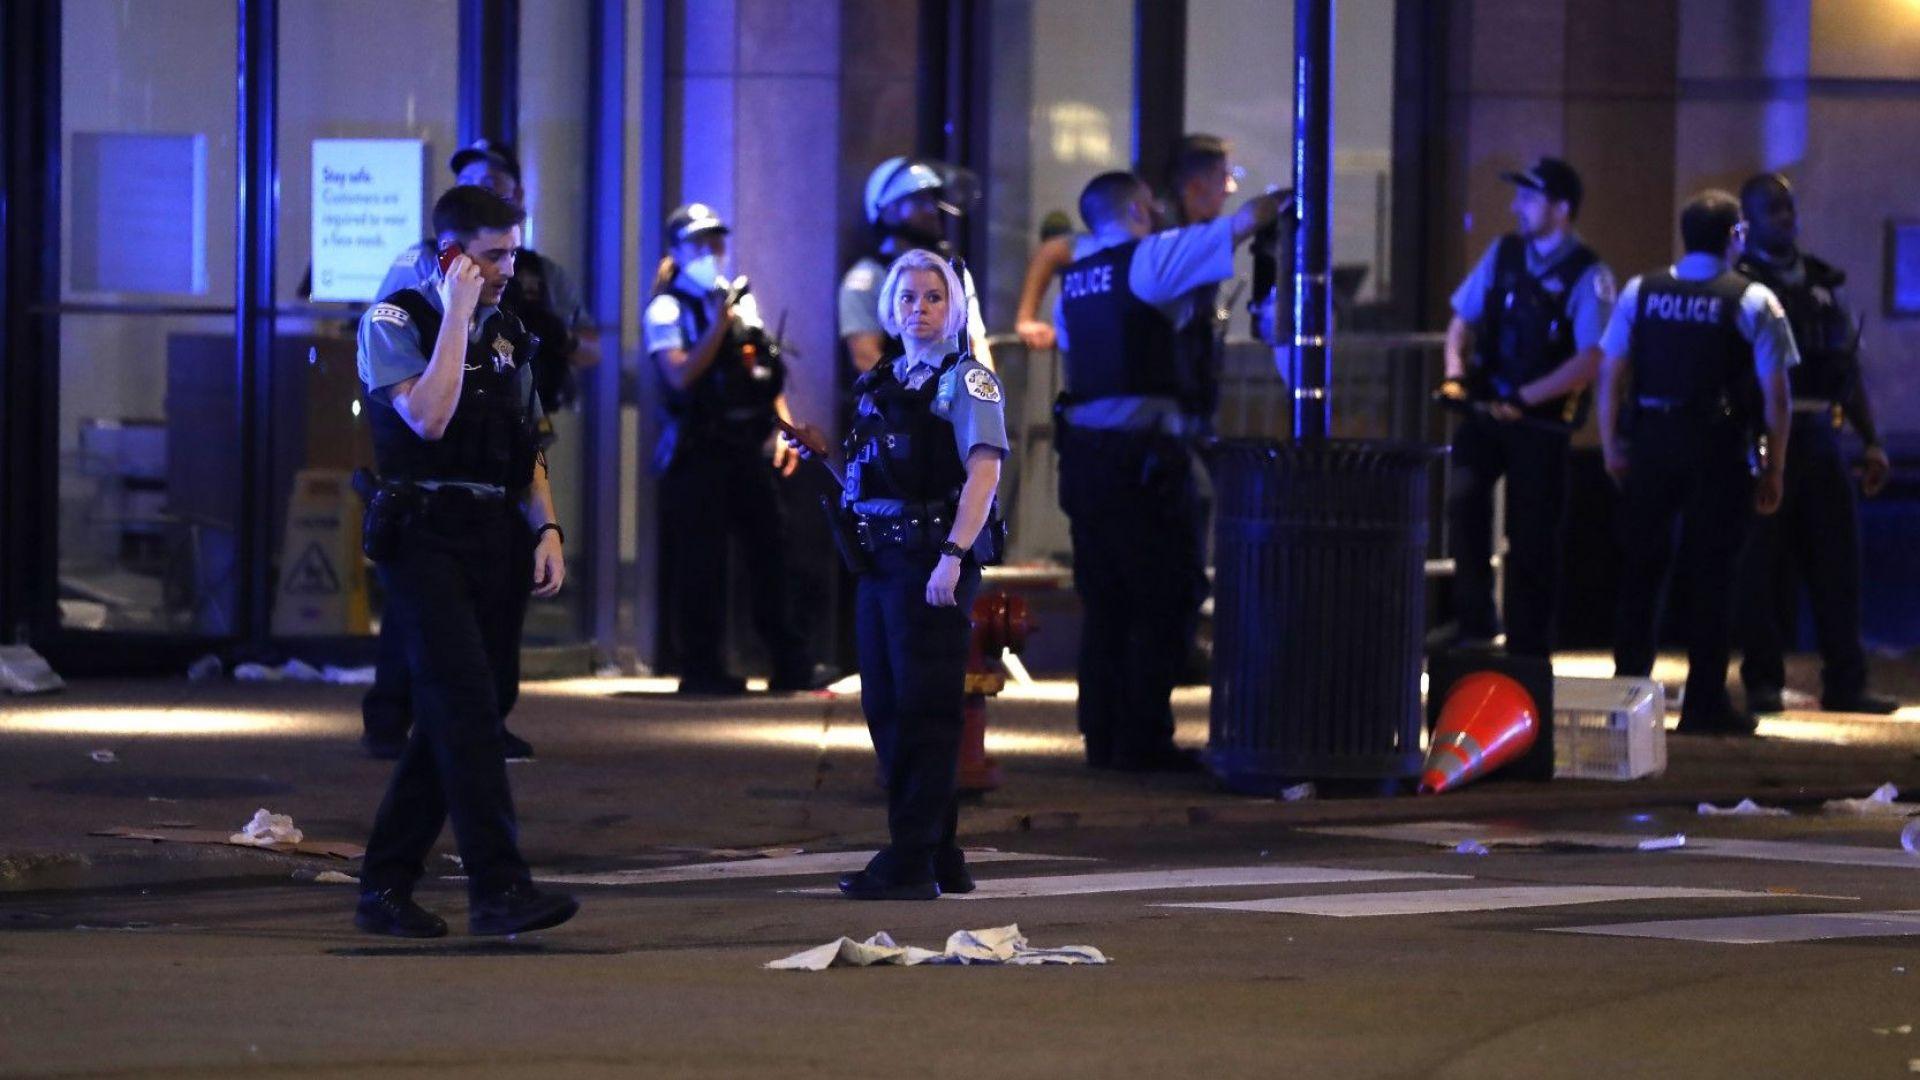 Размирици, плячкосване, стрелба в Чикаго: ранени 13 полицаи, арестувани 100 души